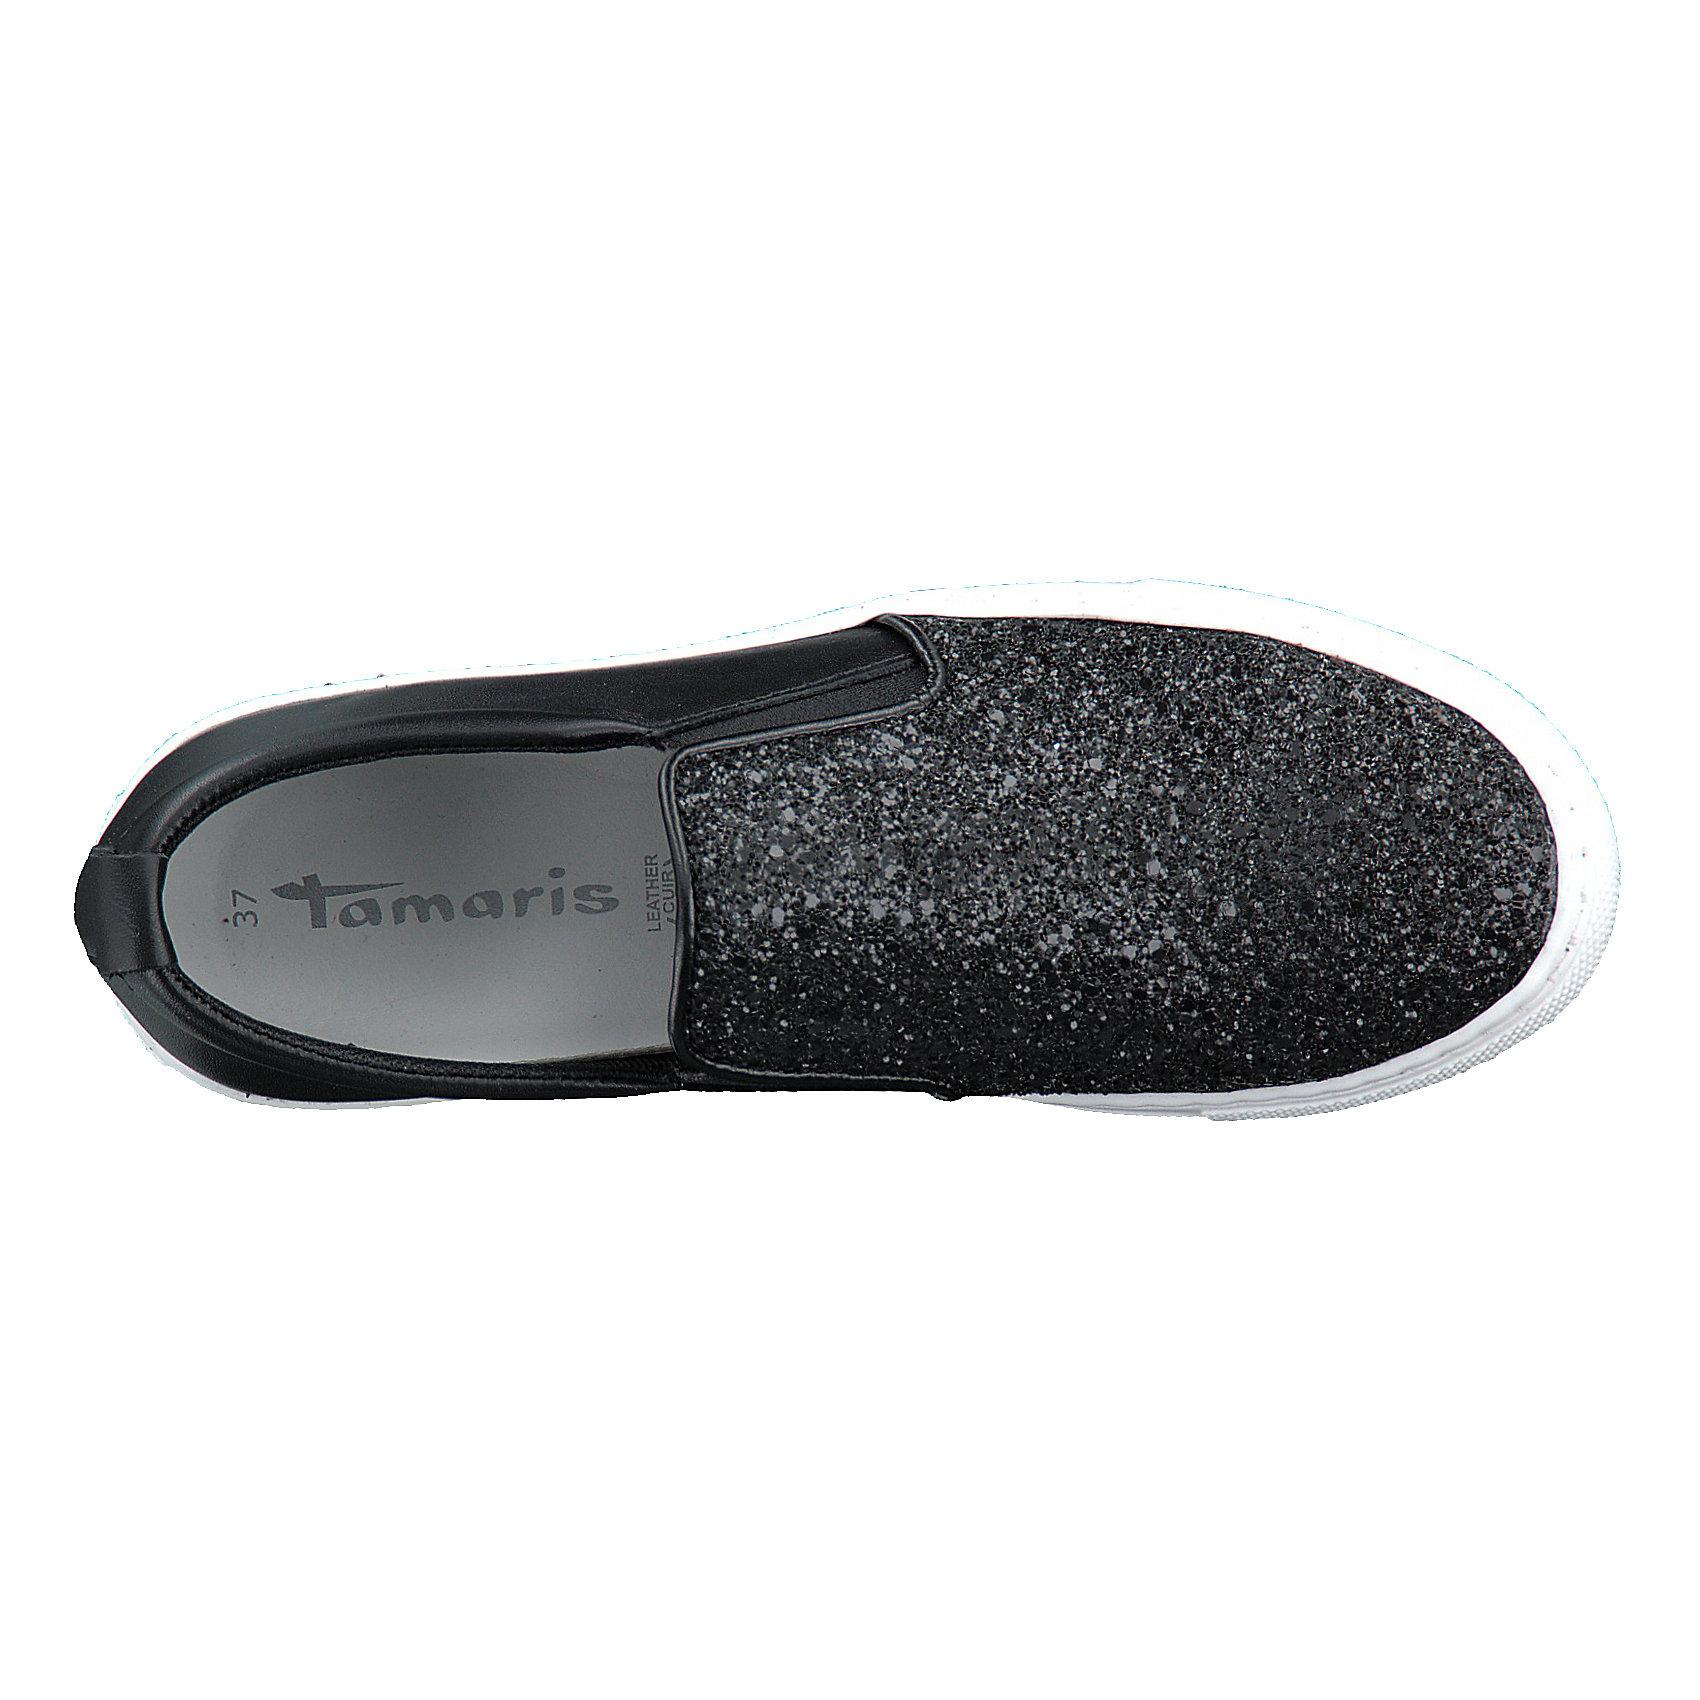 Details zu Neu Tamaris Sportliche Slipper 7346966 für Damen schwarz silber